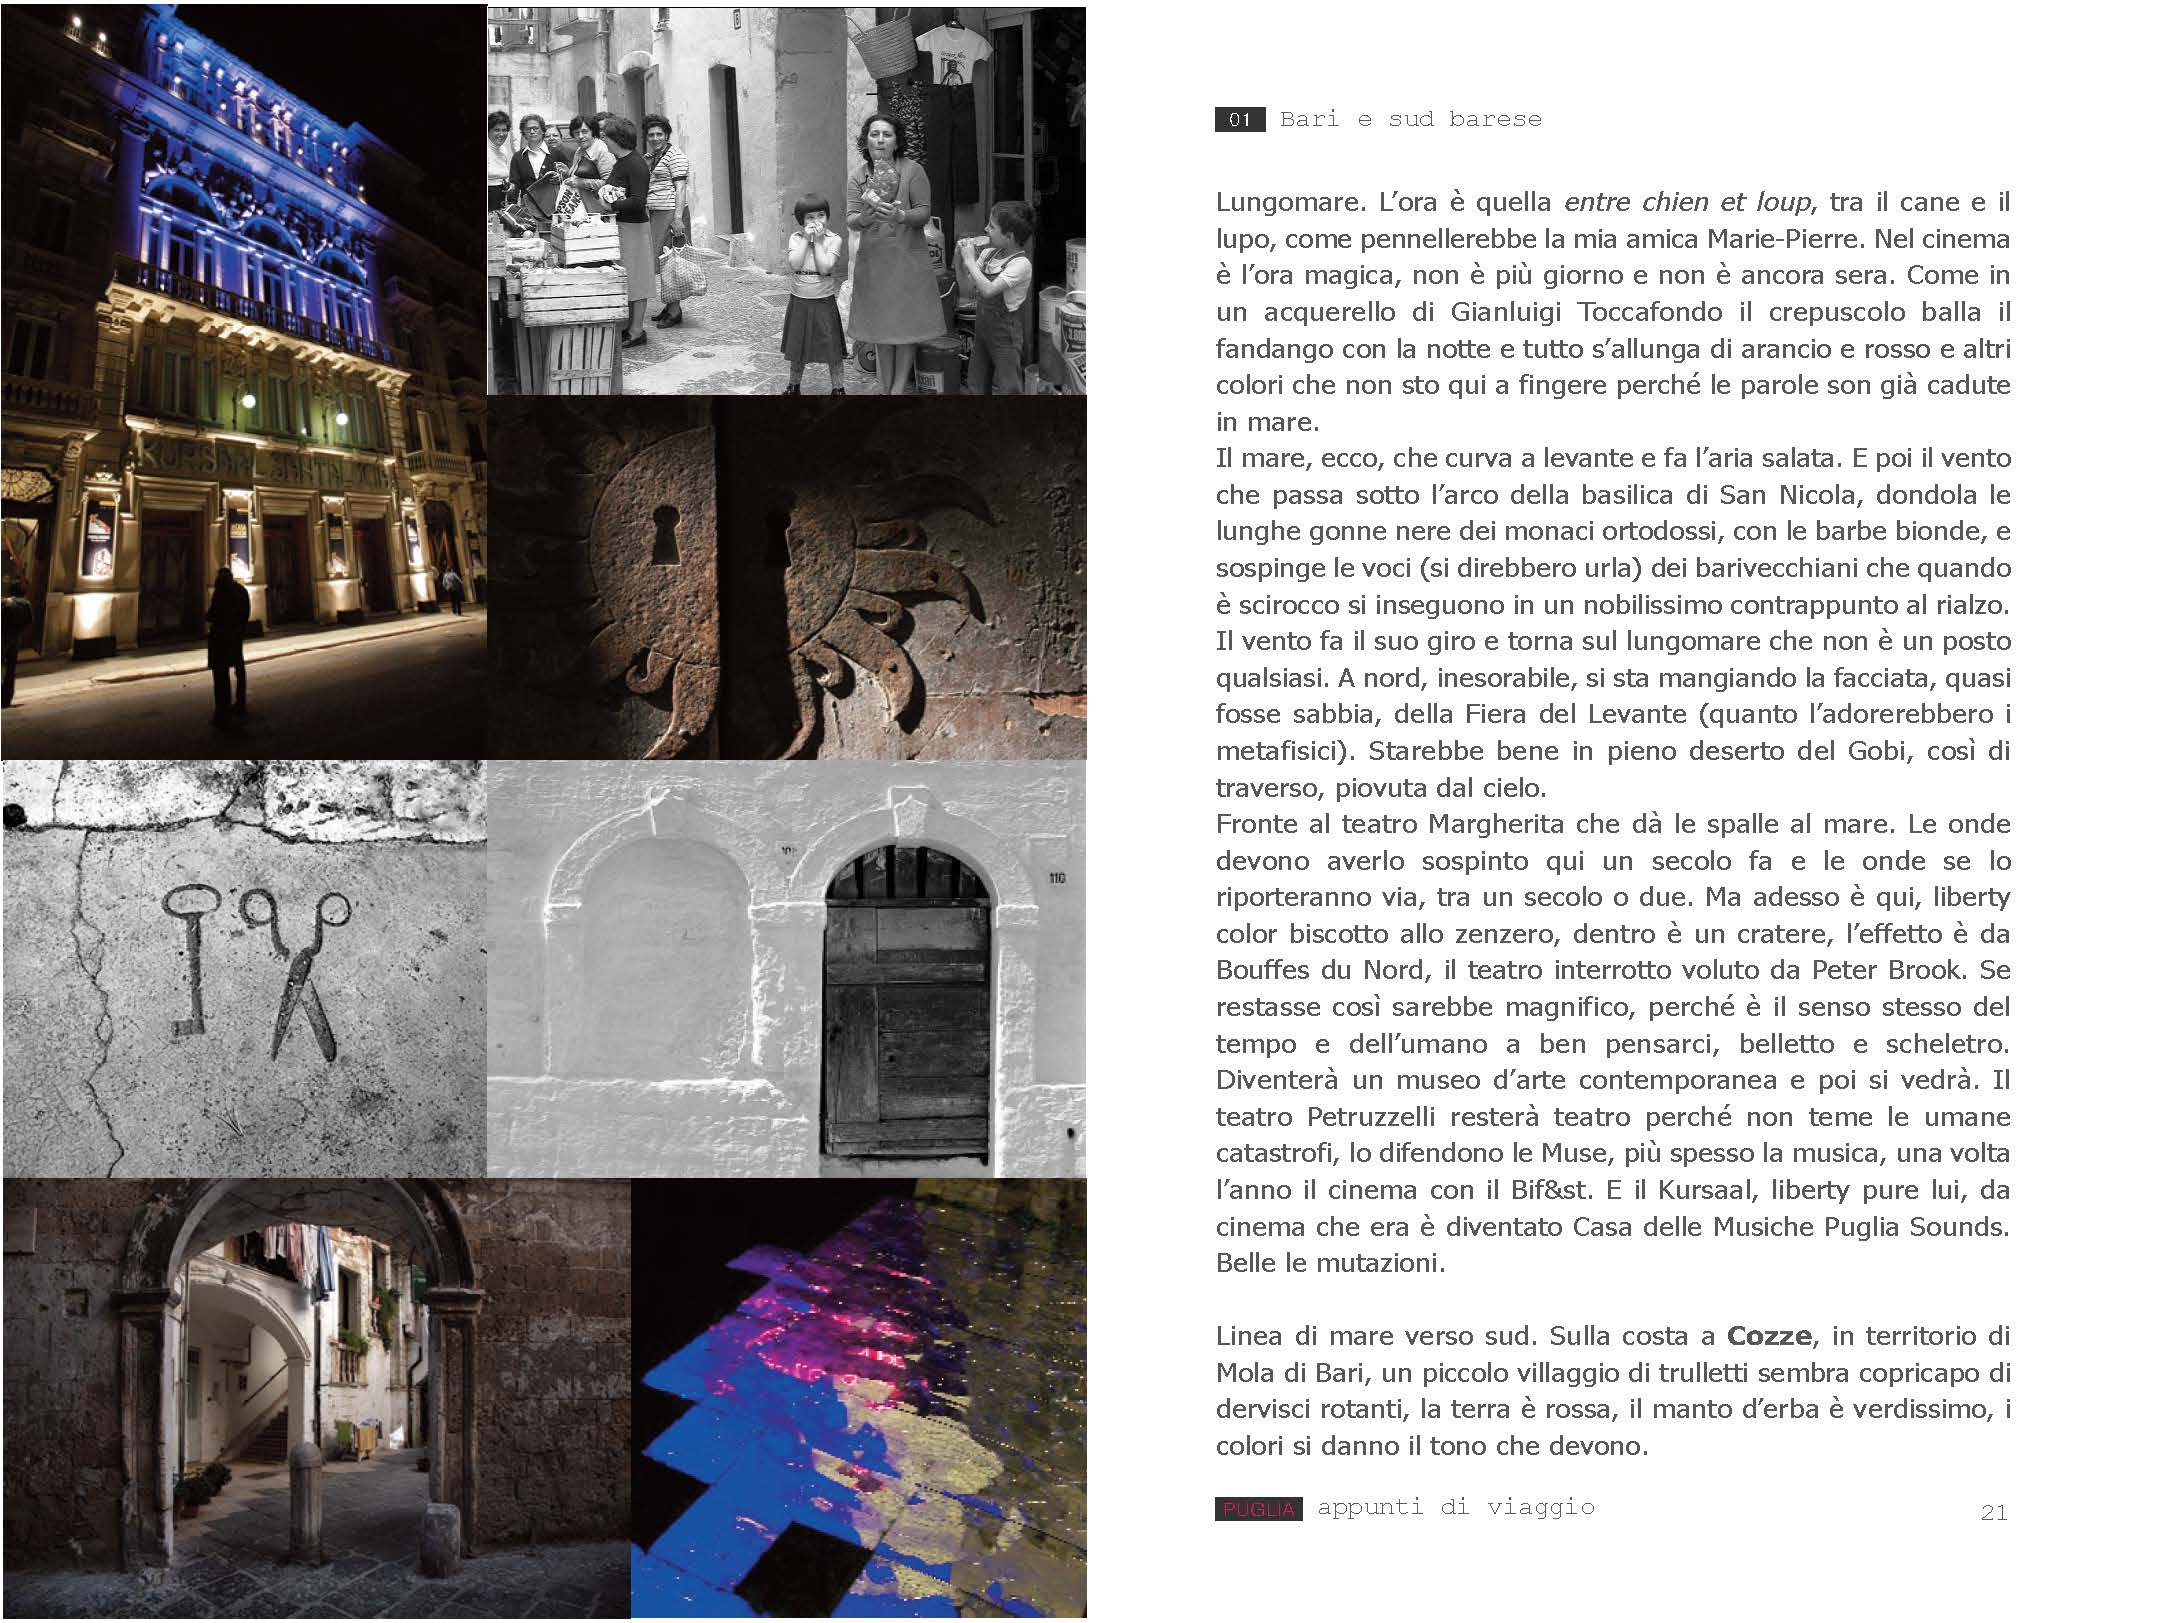 puglia_appunti_di_viaggio_Pagina_21.jpg